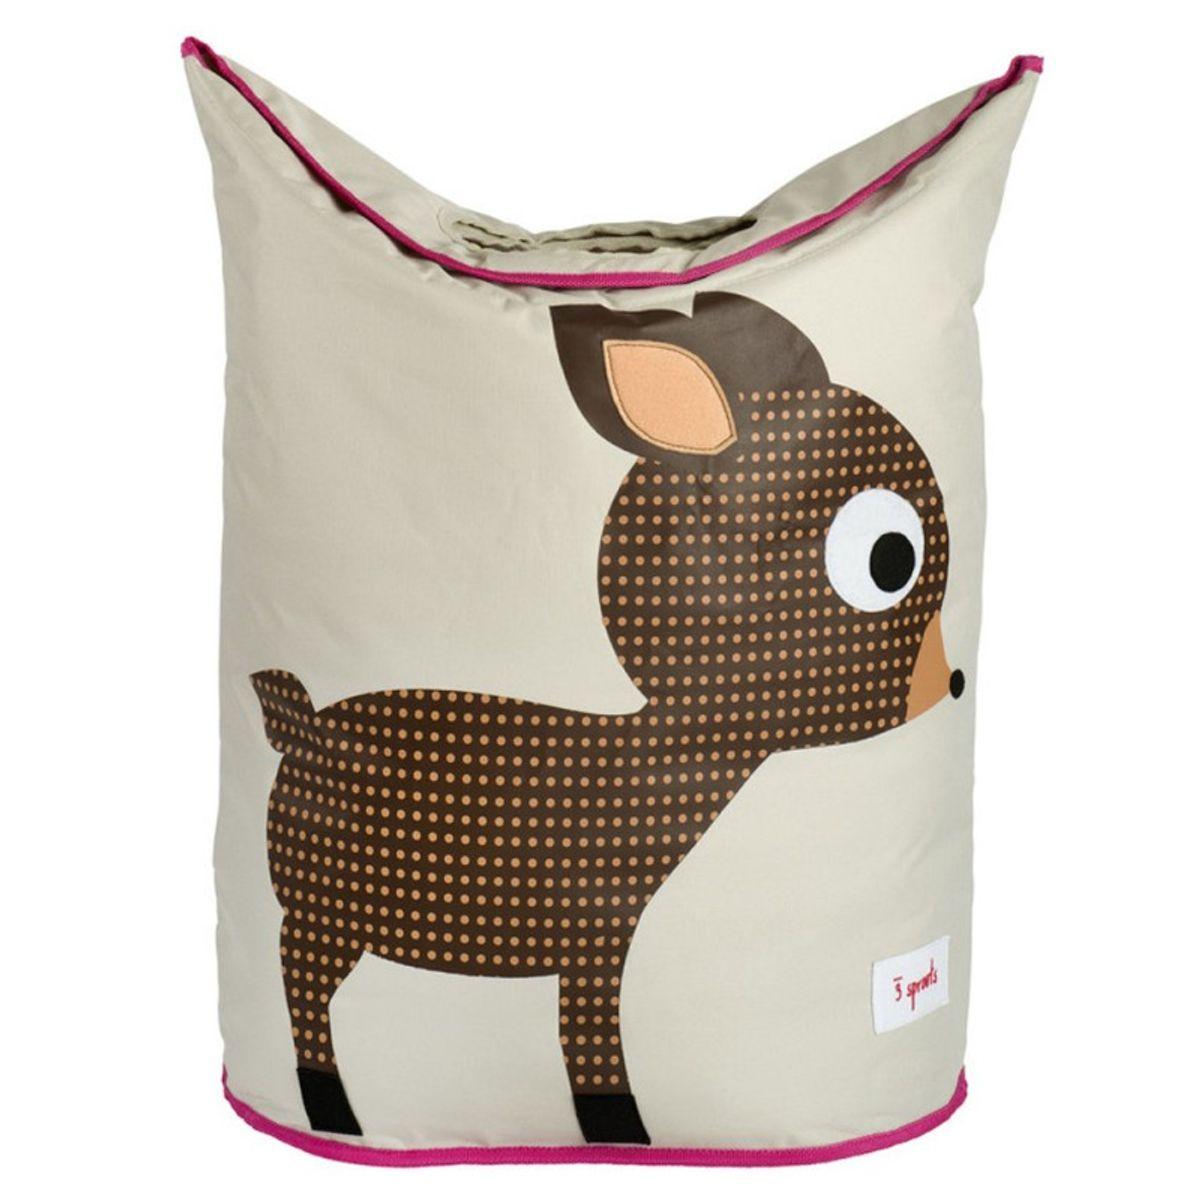 Aufbewahrung im Kinderzimmer | Wäschekorb Reh, von 3 sprouts, 48 x 56 x 28  cm | Kindersachen | Babysachen